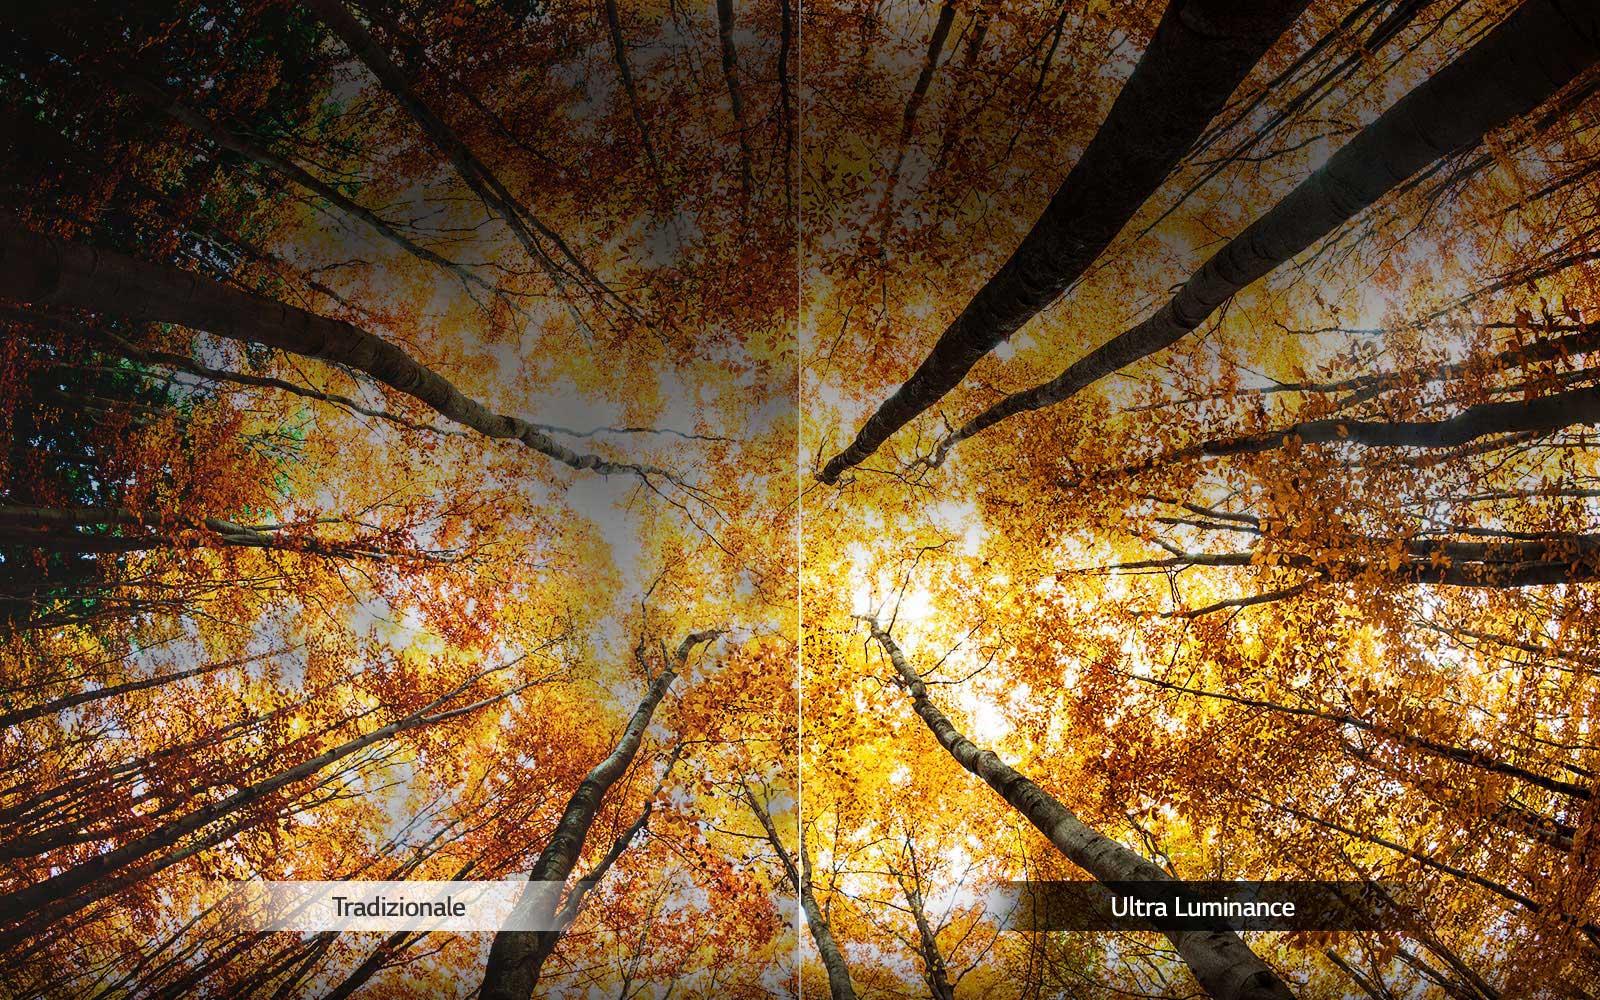 05_UK65_A_Ultra_Luminance_06102018_desktop_V02